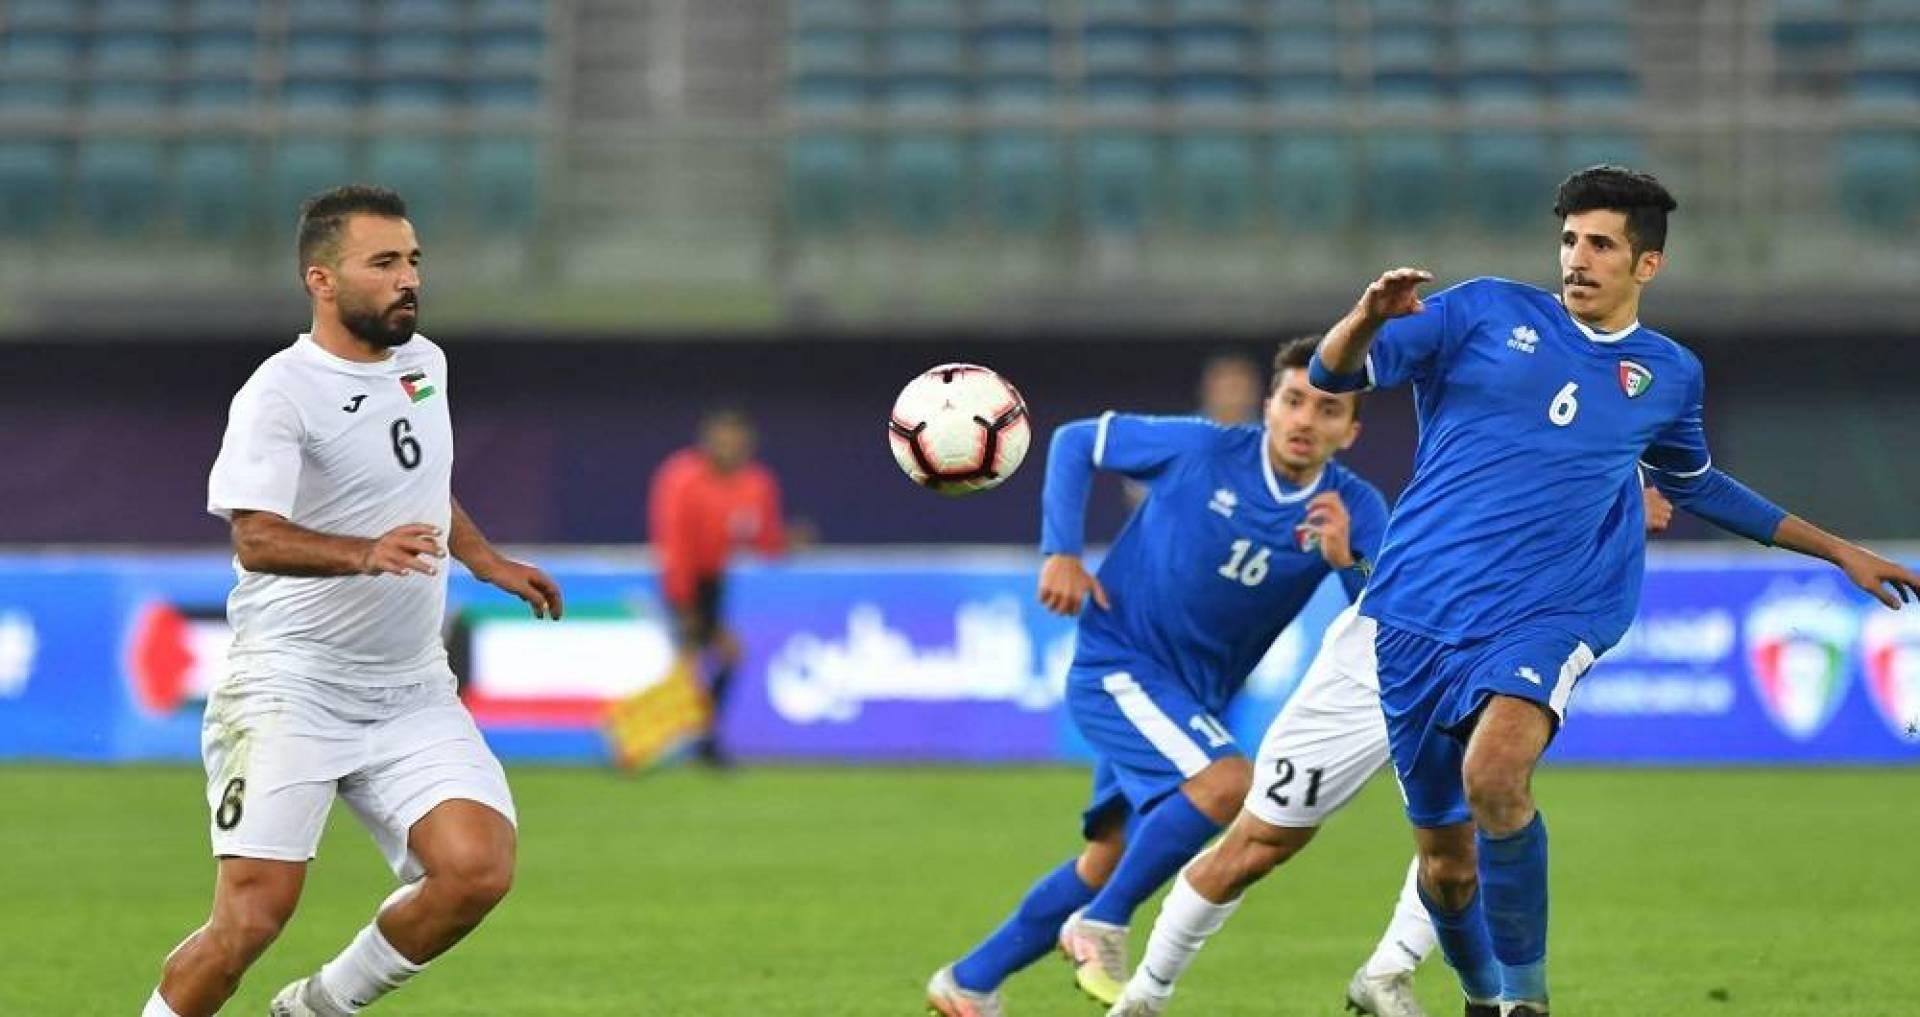 جانب من المباراة الودية بين منتخب الكويت ونظيره الفلسطيني